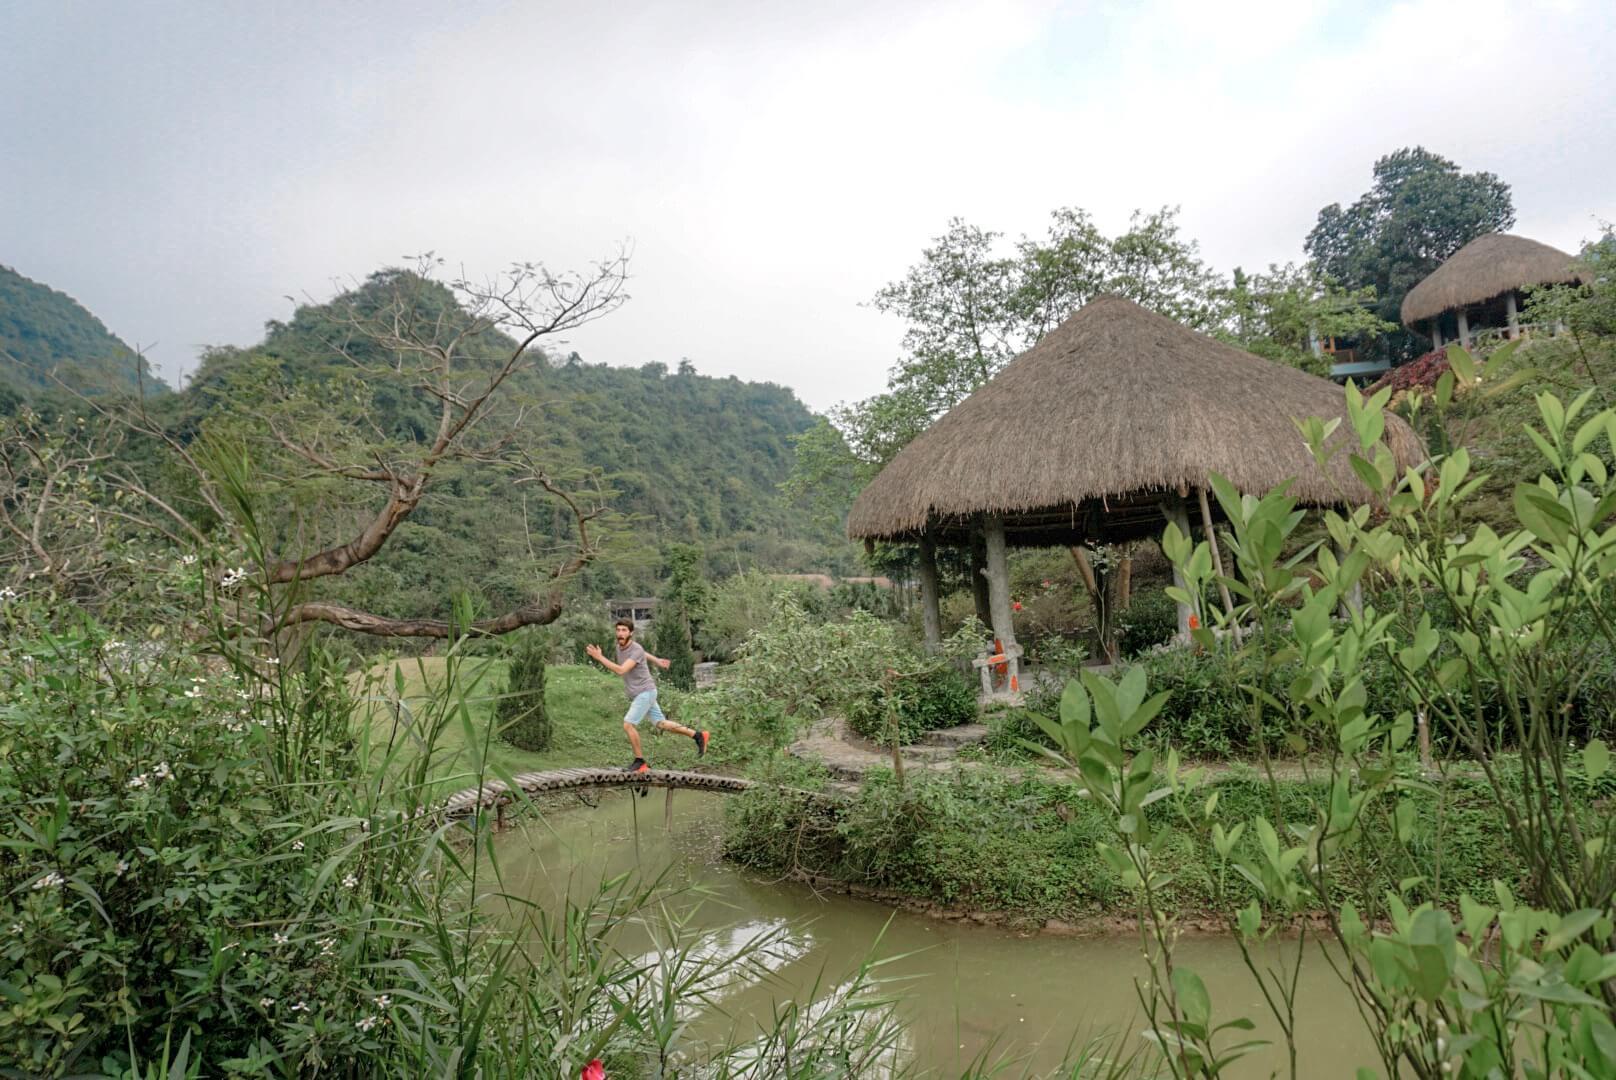 Jardin des oiseaux tam coc Vietnam